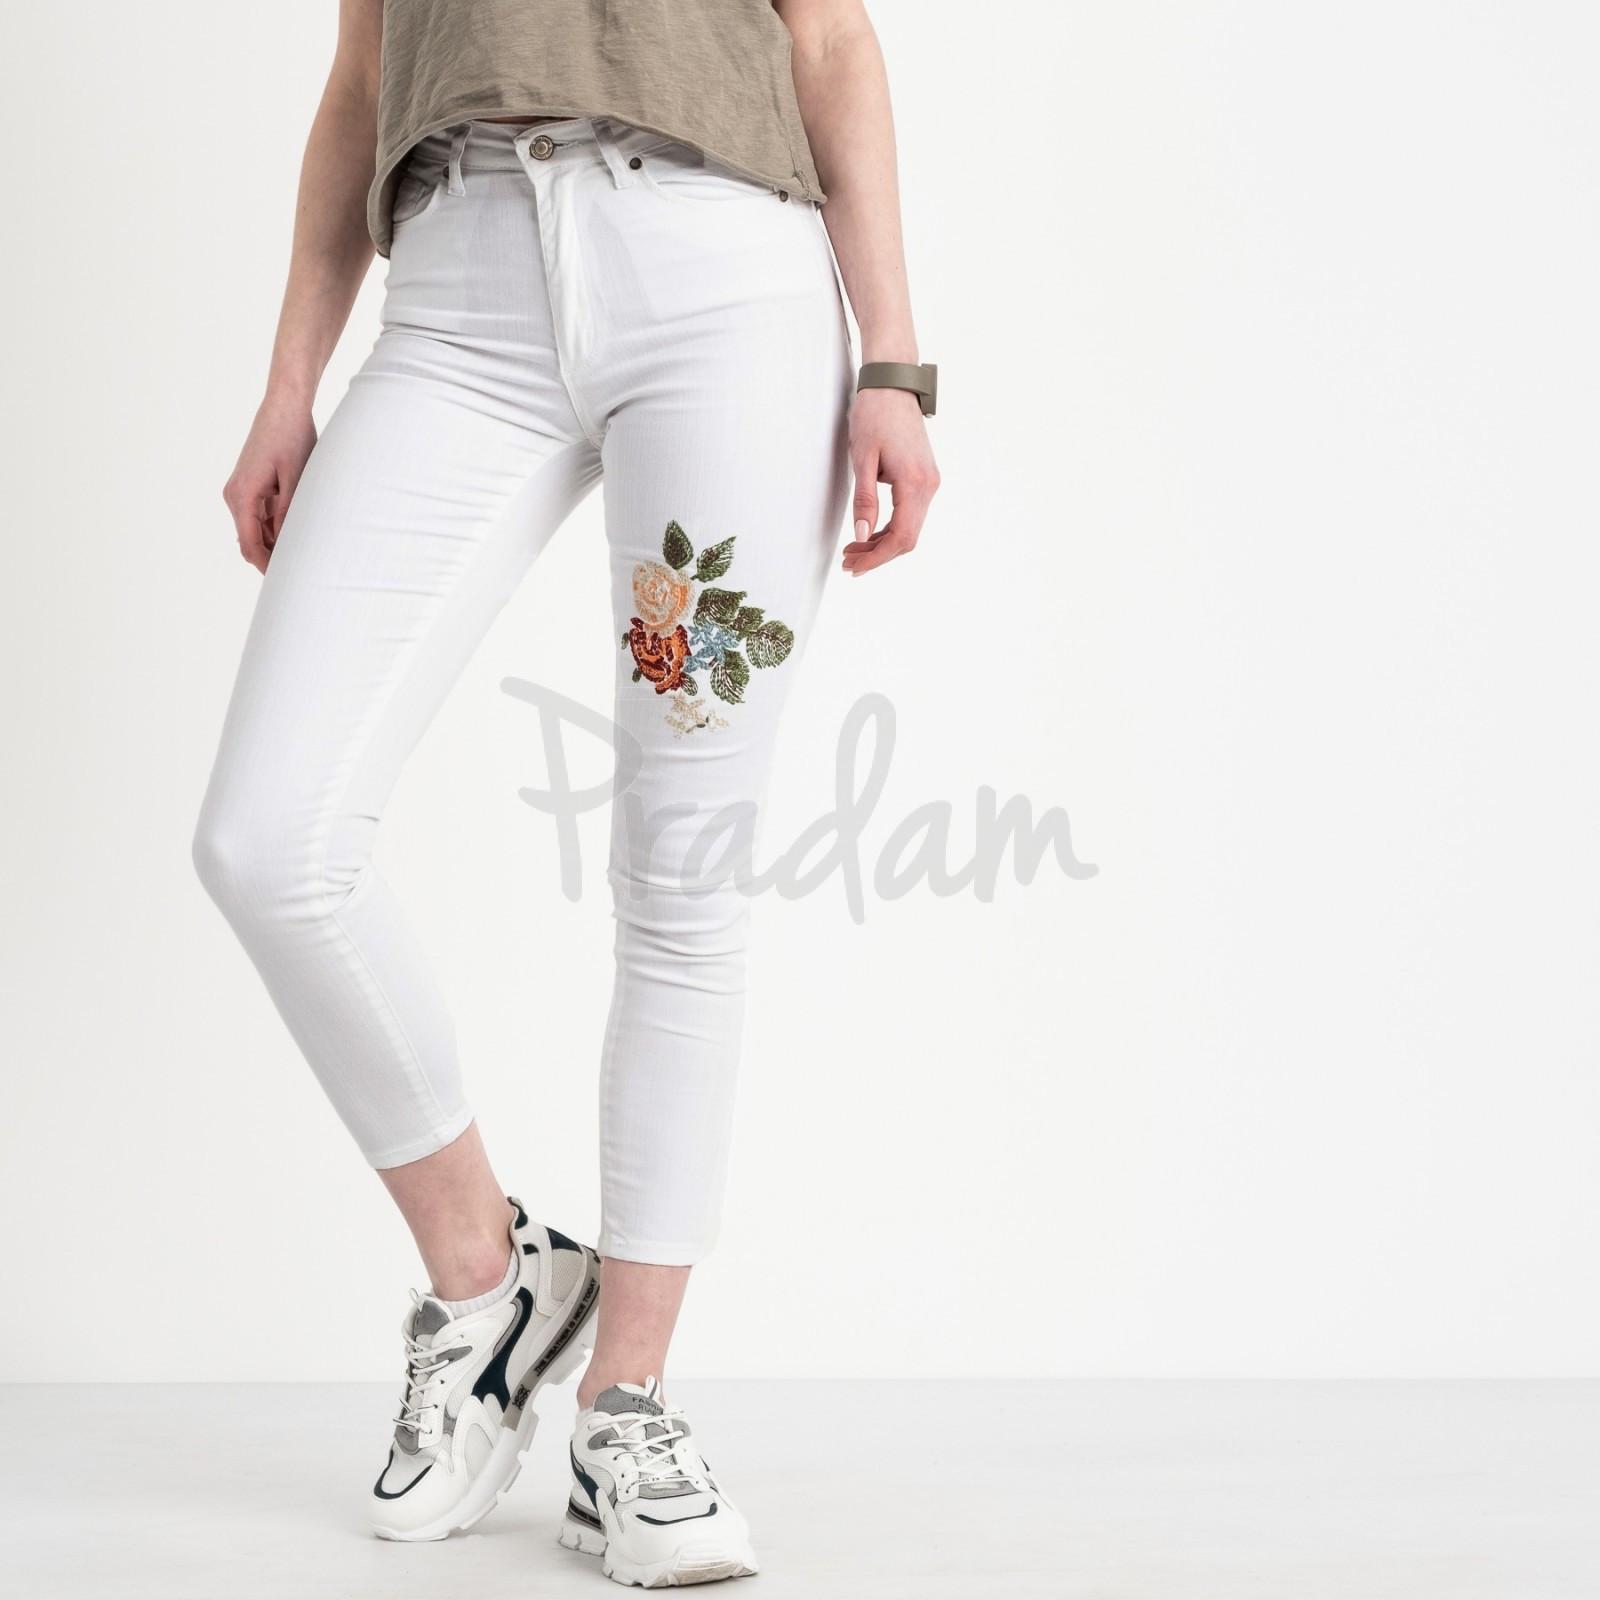 0911 Miss Laufen американка белая стрейчевая (6 ед. размеры: 26.27.28.29.30.31)